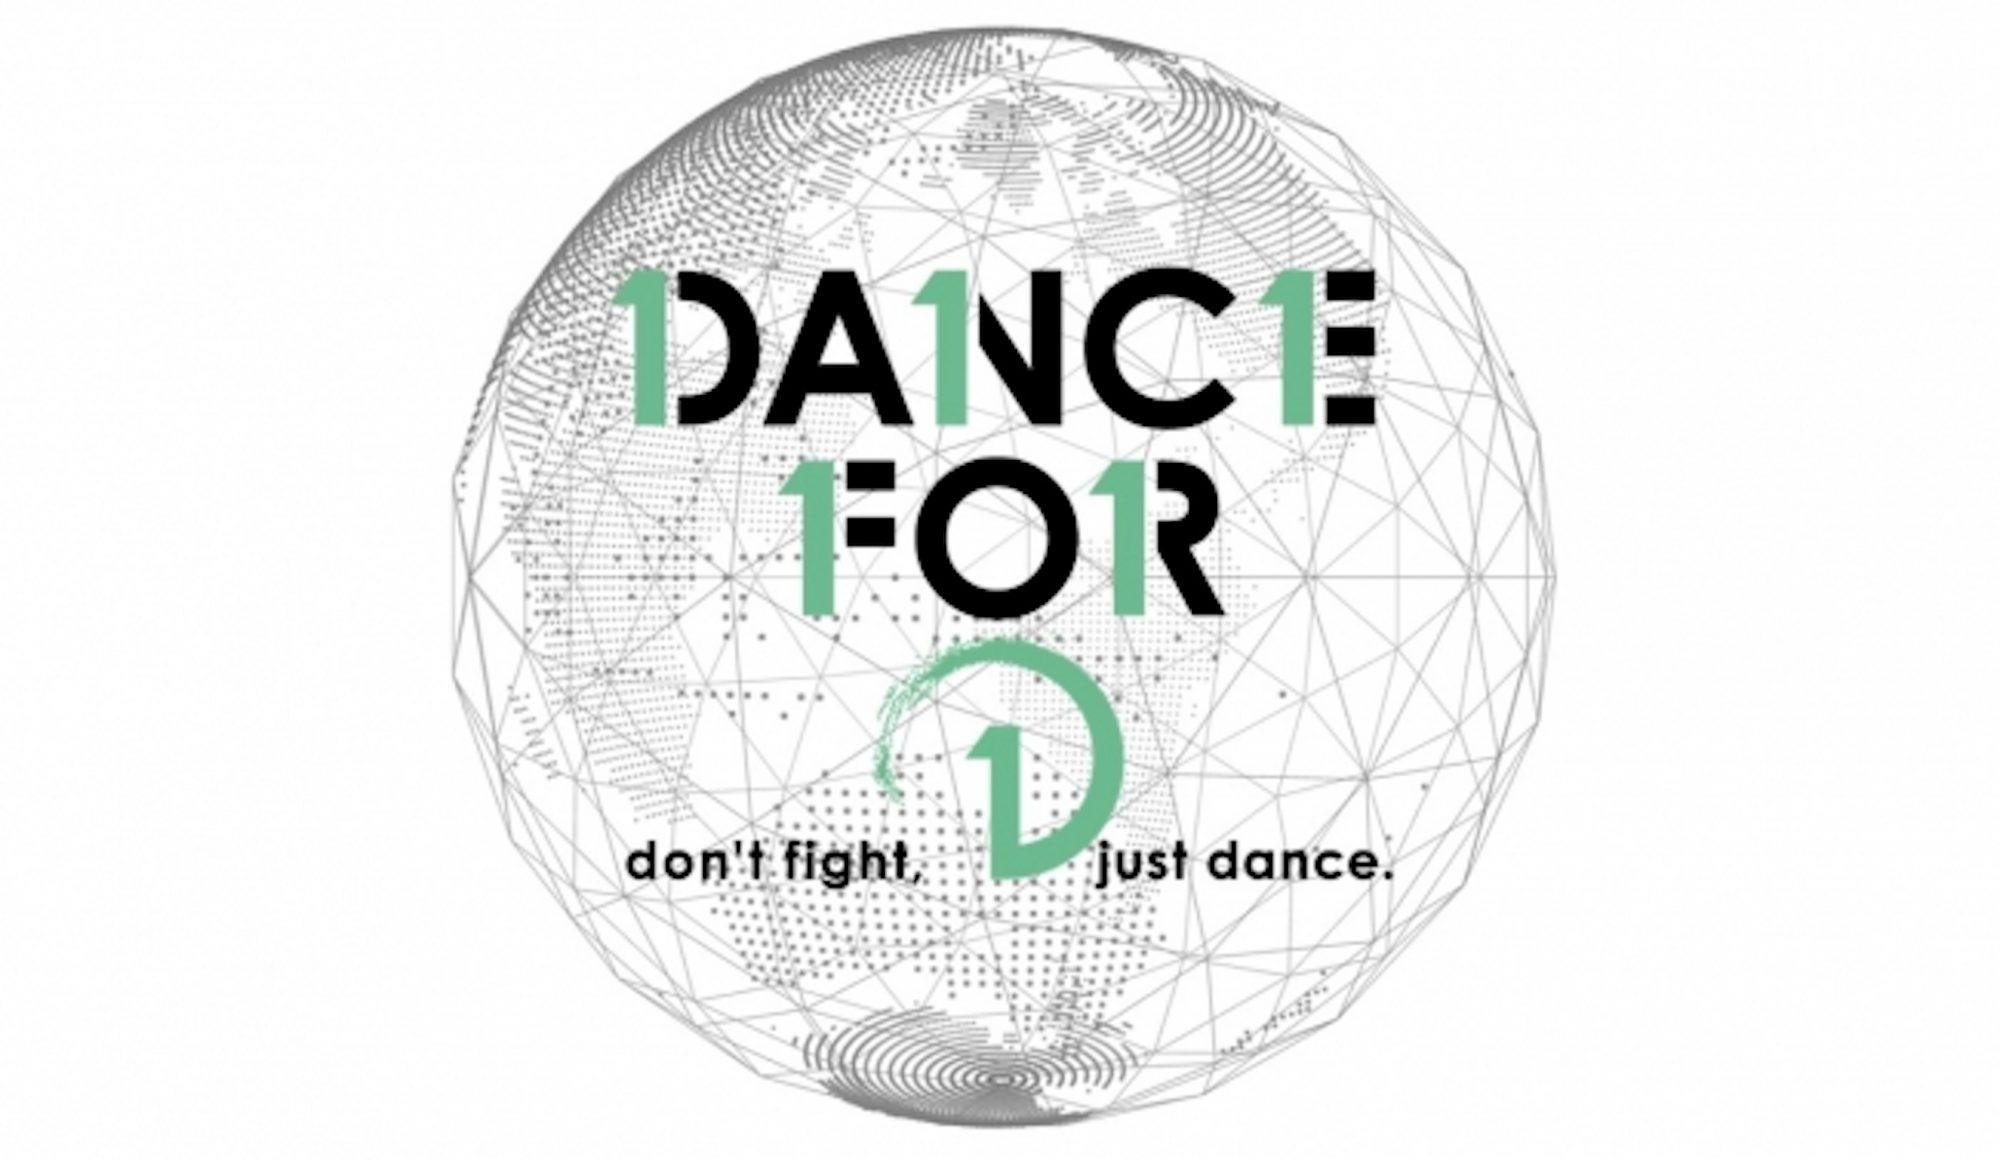 マイケルとマドンナが奪い合った男KENTO MORIと弊社代表カリスマカンタローが「DANCE@LIVE 2015」にて世界から争いが消えるダンスプロジェクトを発表!